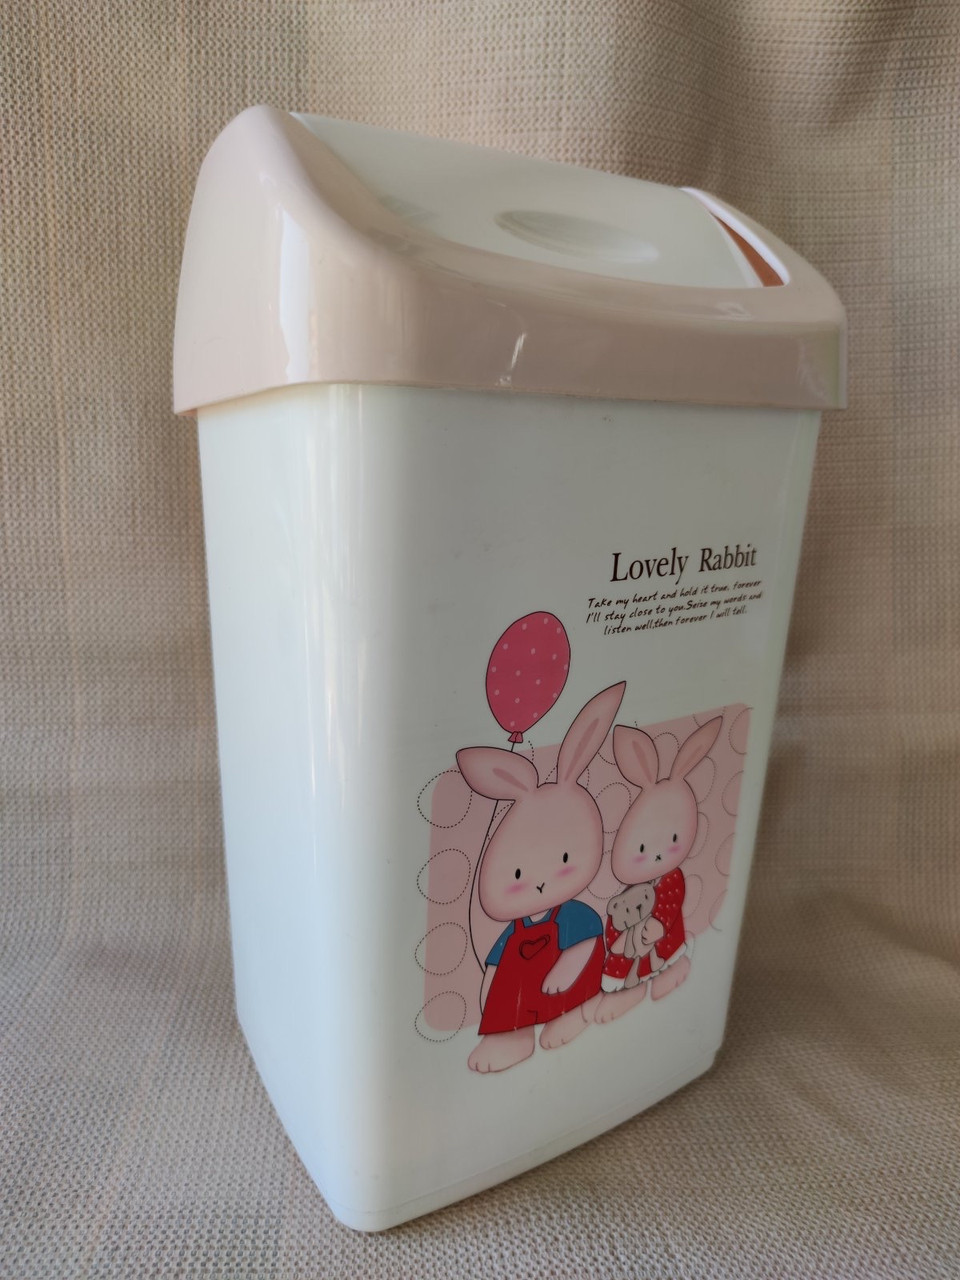 """Відерце для сміття«Lovely rabbit"""", матеріал пластик, розмір 35х22х14,5 см, виробник Туреччина, ціна 75грн"""